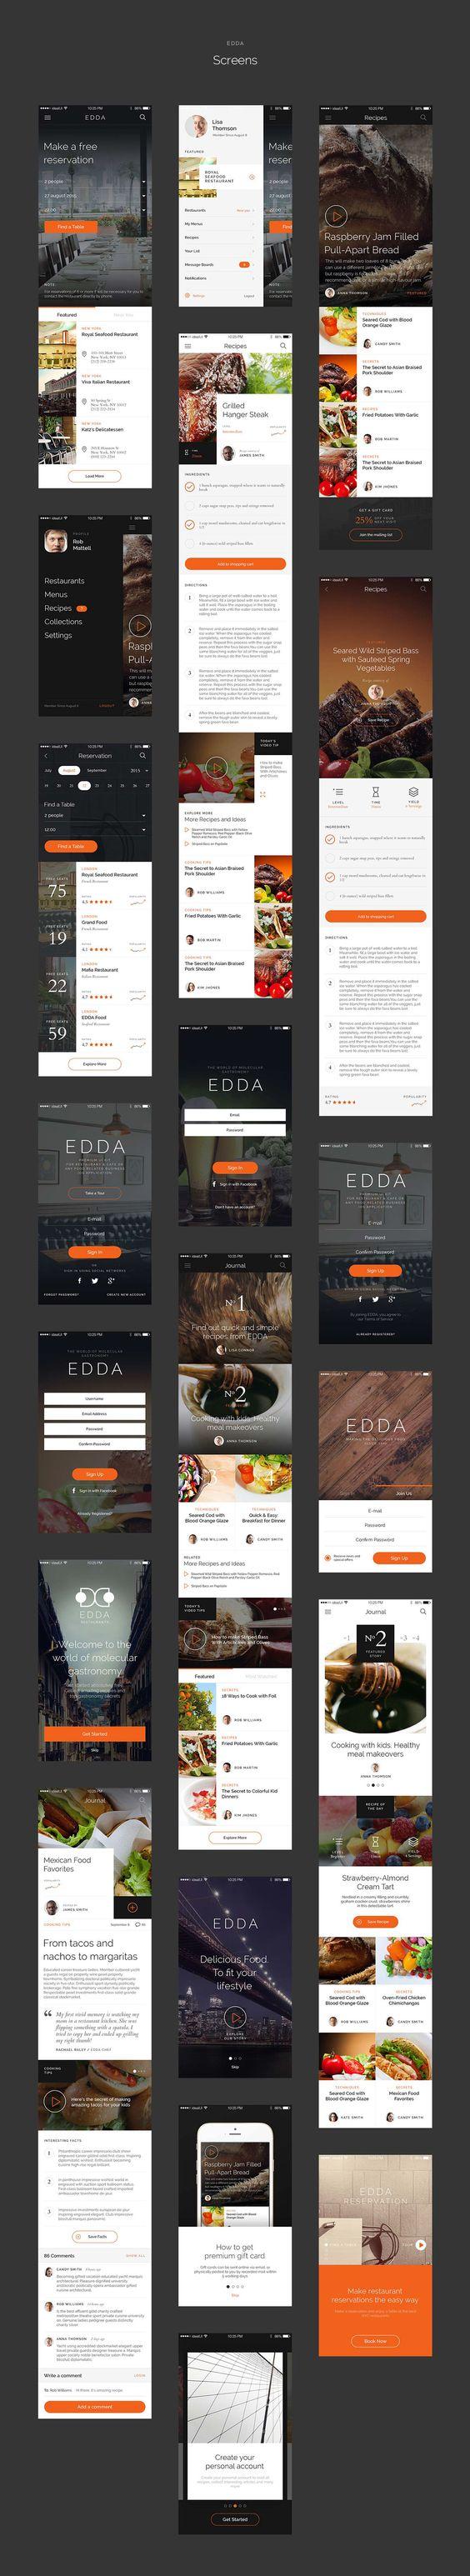 http://www.appdesignserved.co/gallery/EDDA-UI-Kit/29450885